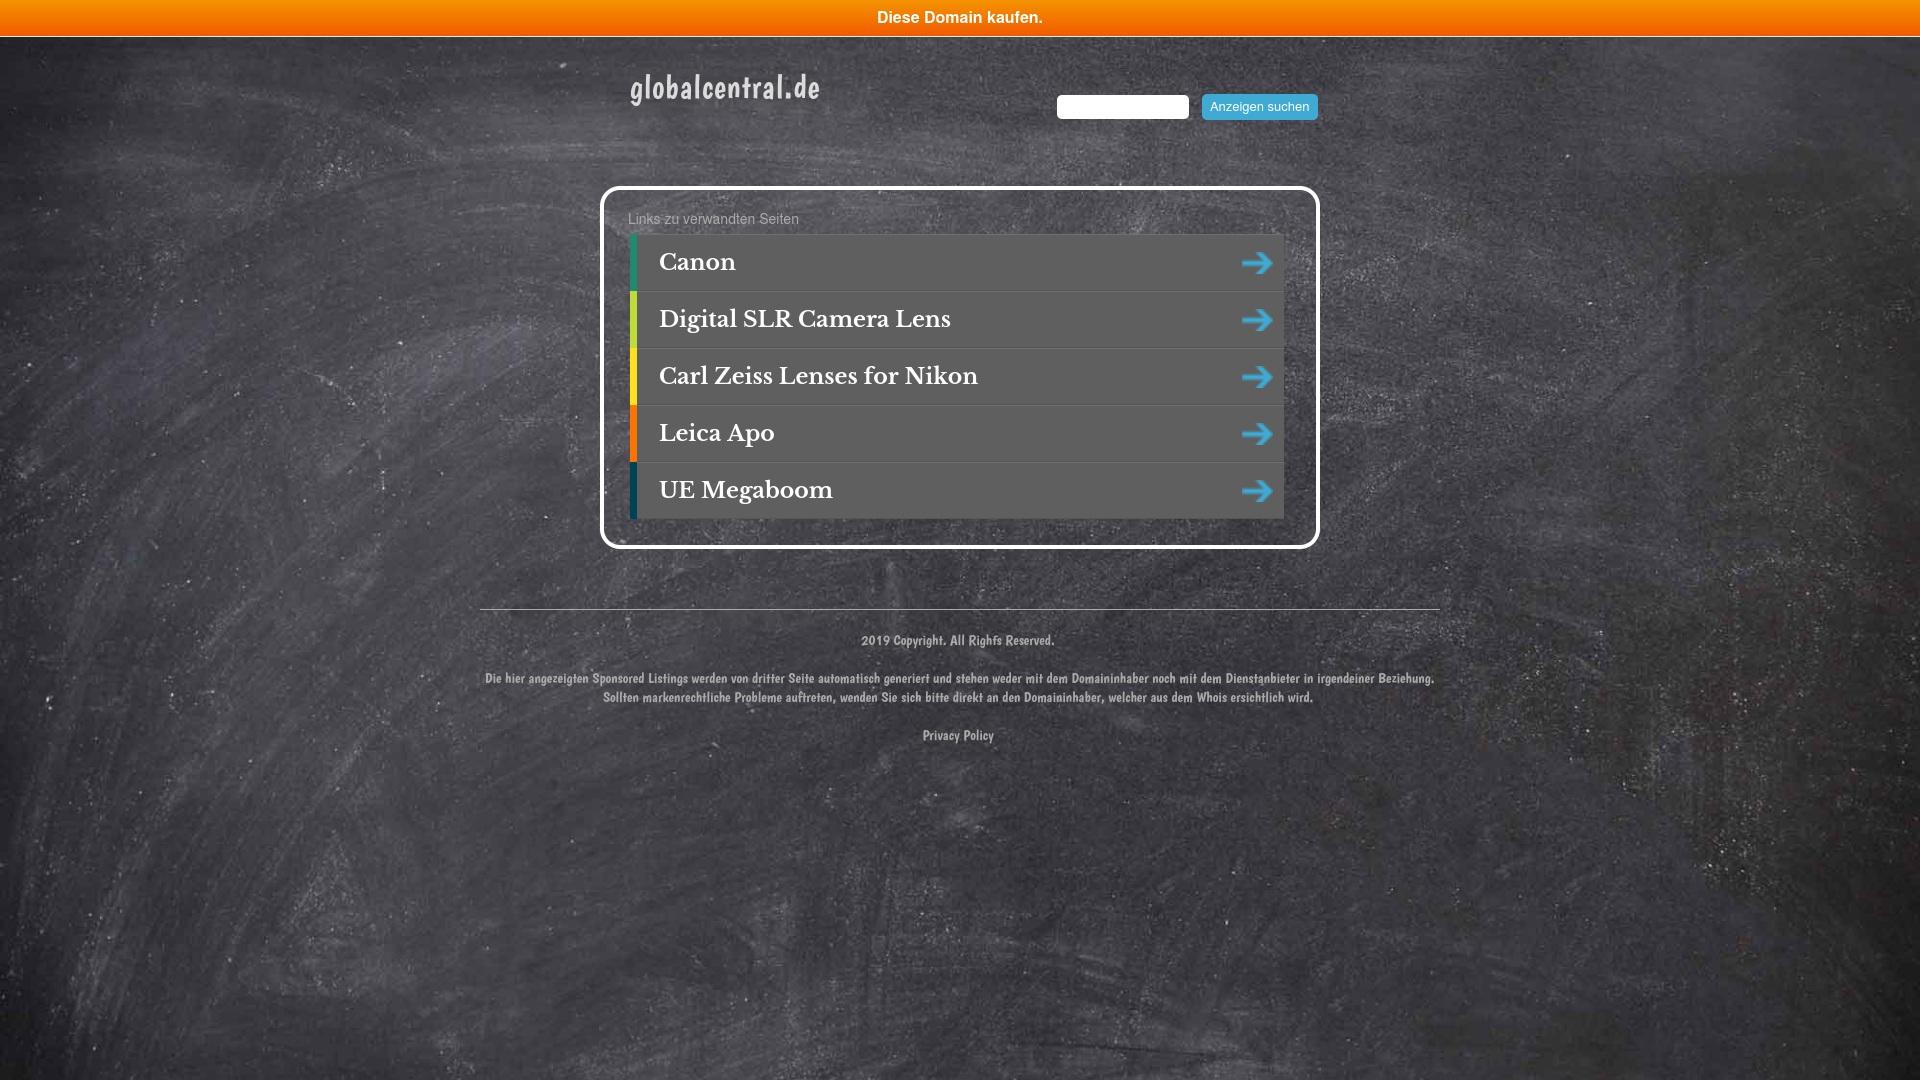 Gutschein für Globalcentral: Rabatte für  Globalcentral sichern